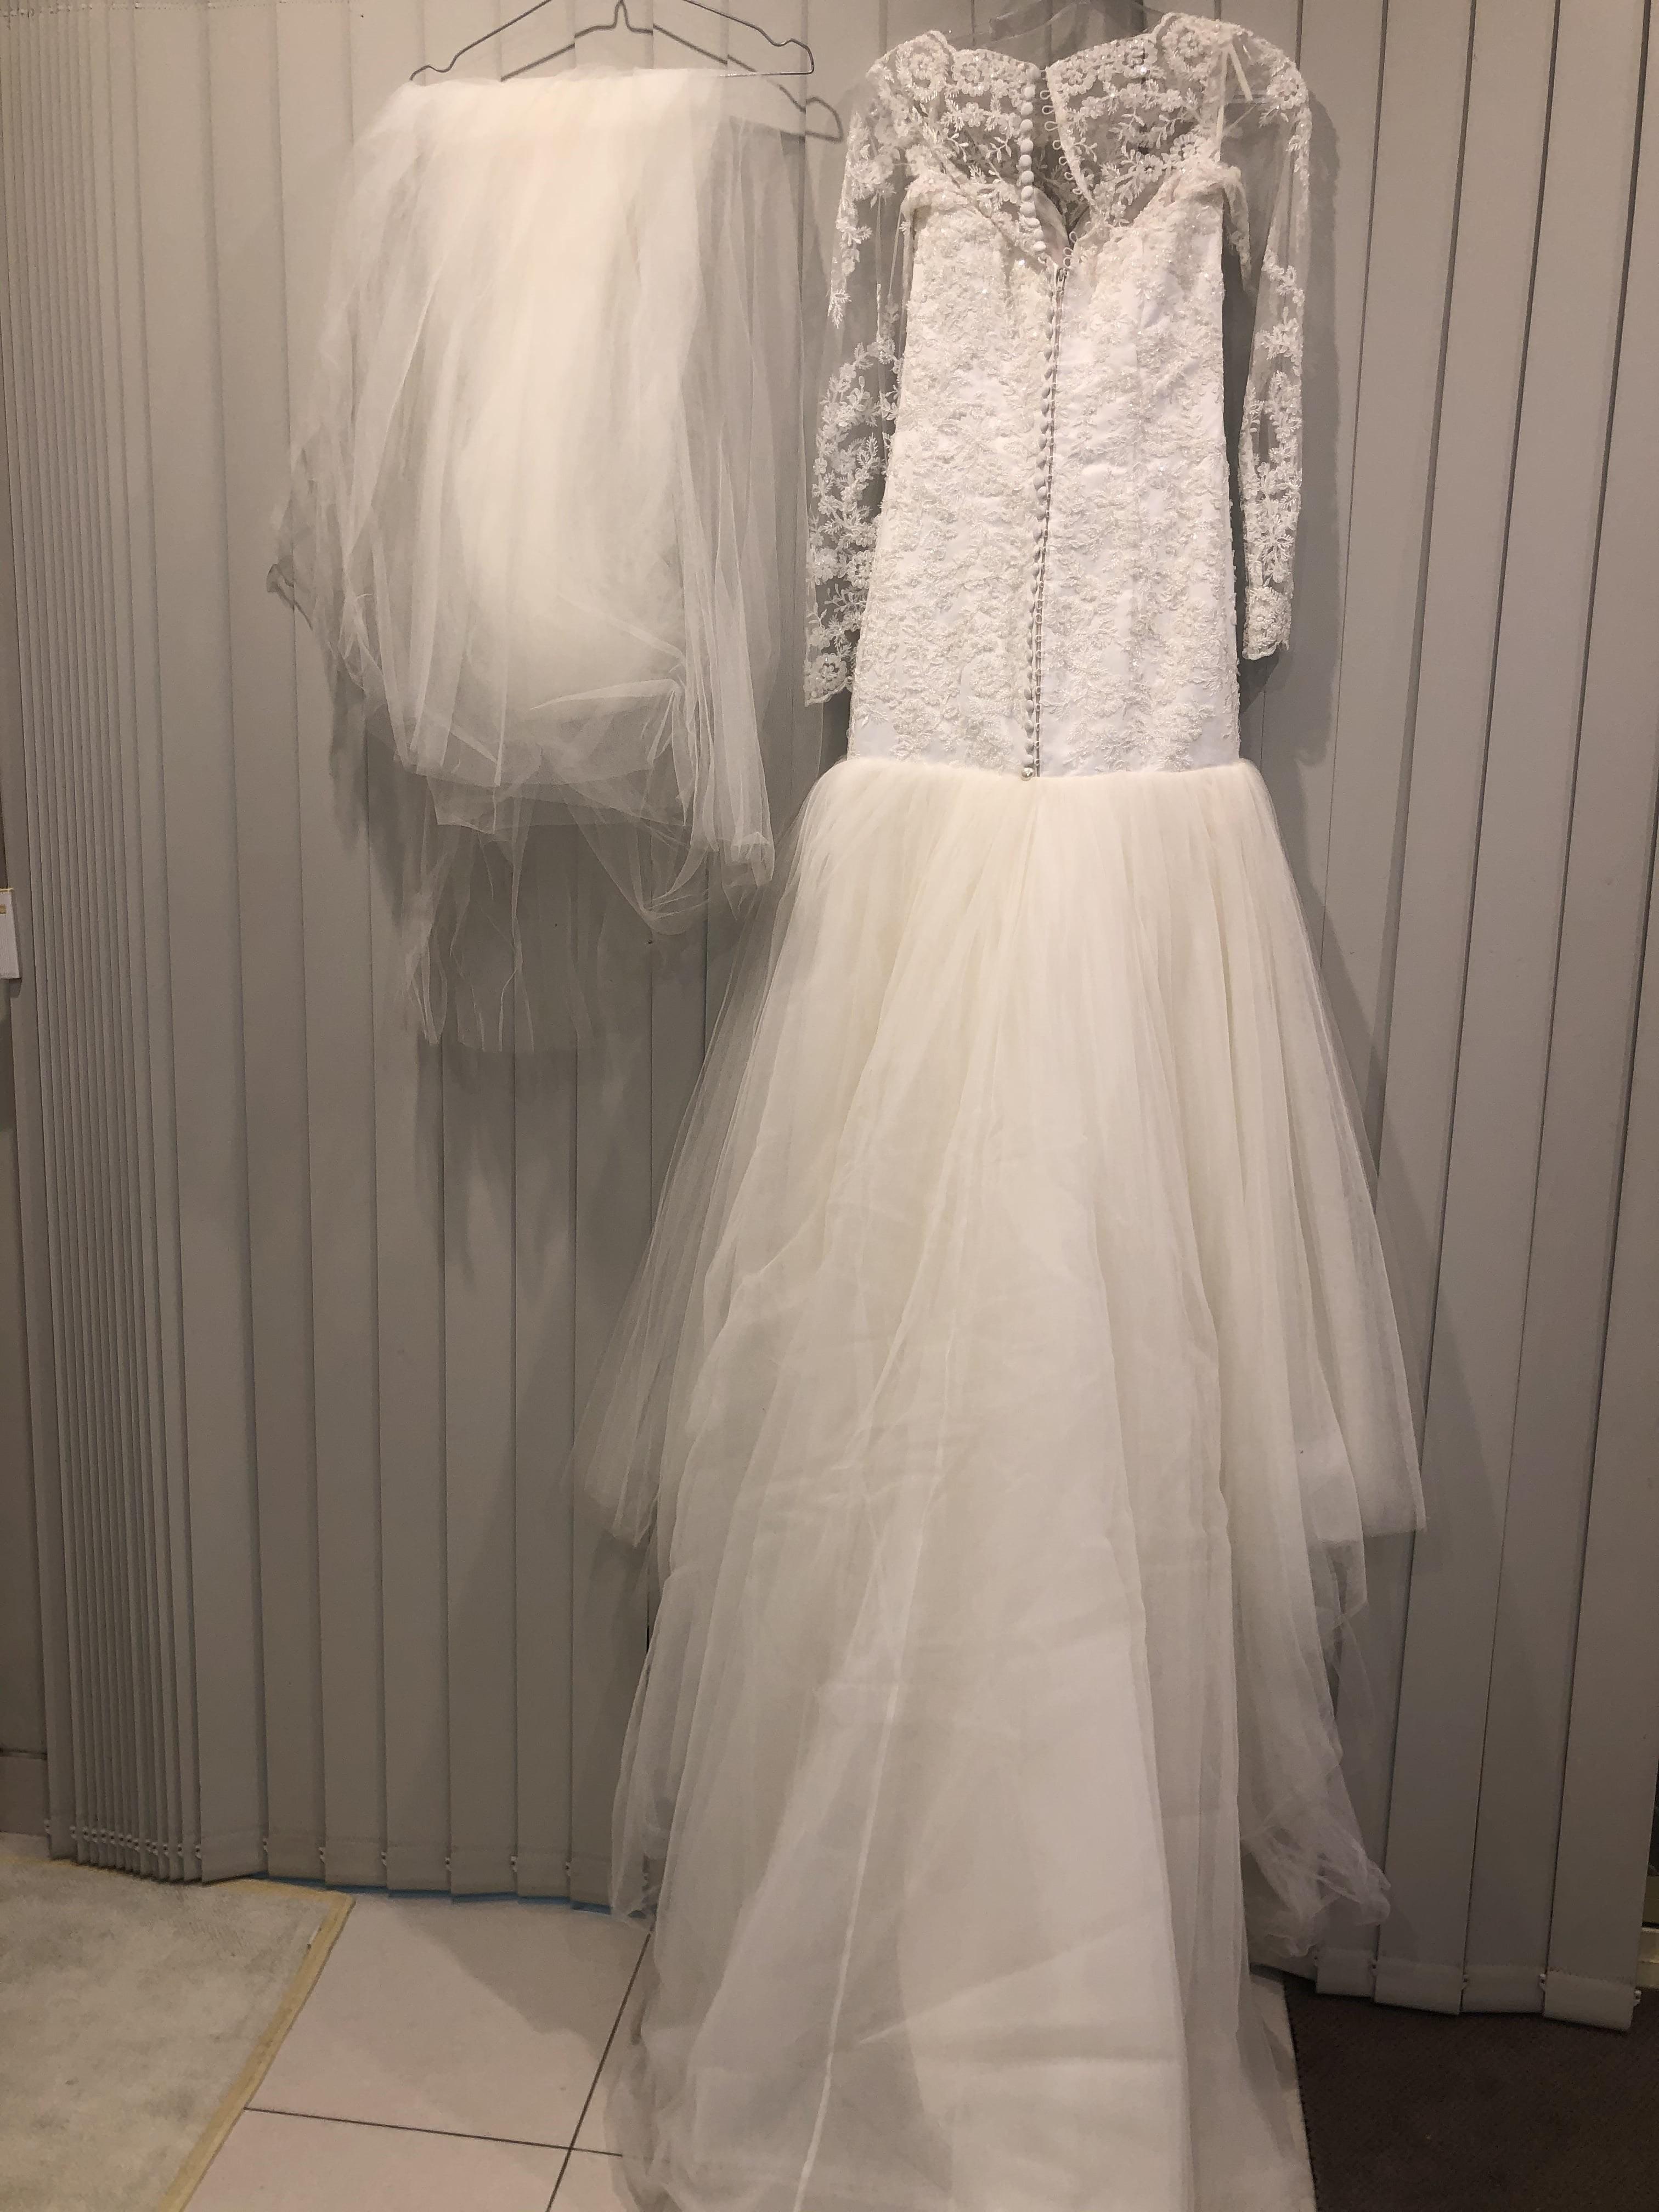 Mermaid Wedding Dress   Used